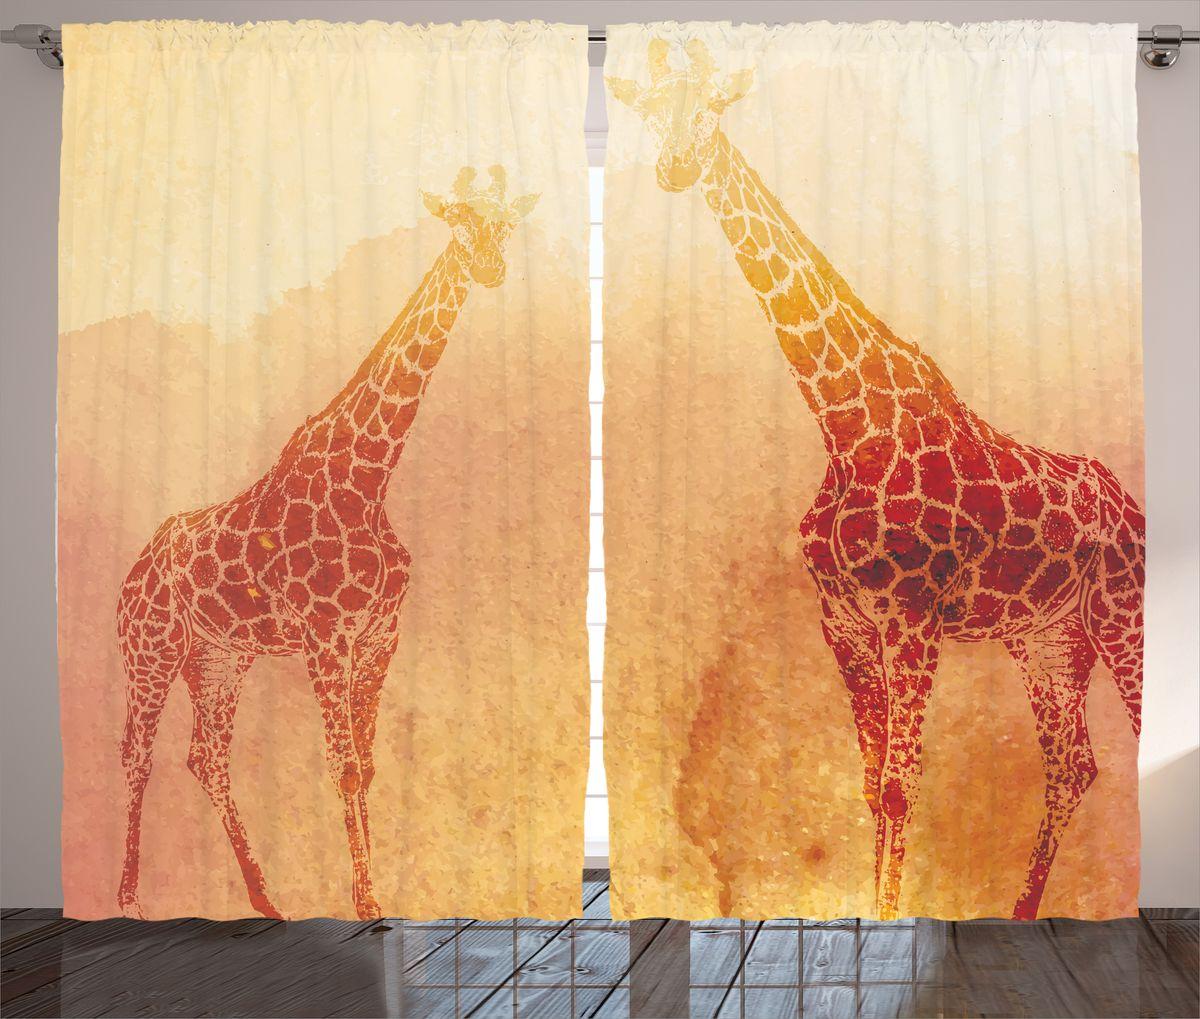 Комплект фотоштор Magic Lady Два жирафа, на ленте, высота 265 см. шсг_1468921307Компания Сэмболь изготавливает шторы из высококачественного сатена (полиэстер 100%). При изготовлении используются специальные гипоаллергенные чернила для прямой печати по ткани, безопасные для человека и животных. Экологичность продукции Magic lady и безопасность для окружающей среды подтверждены сертификатом Oeko-Tex Standard 100. Крепление: крючки для крепления на шторной ленте (50 шт). Возможно крепление на трубу. Внимание! При нанесении сублимационной печати на ткань технологическим методом при температуре 240°С, возможно отклонение полученных размеров (указанных на этикетке и сайте) от стандартных на + - 3-5 см. Производитель старается максимально точно передать цвета изделия на фотографиях, однако искажения неизбежны и фактический цвет изделия может отличаться от воспринимаемого по фото. Обратите внимание! Шторы изготовлены из полиэстра сатенового переплетения, а не из сатина (хлопок). Размер одного полотна шторы: 145х265 см. В комплекте 2 полотна шторы и 50 крючков.